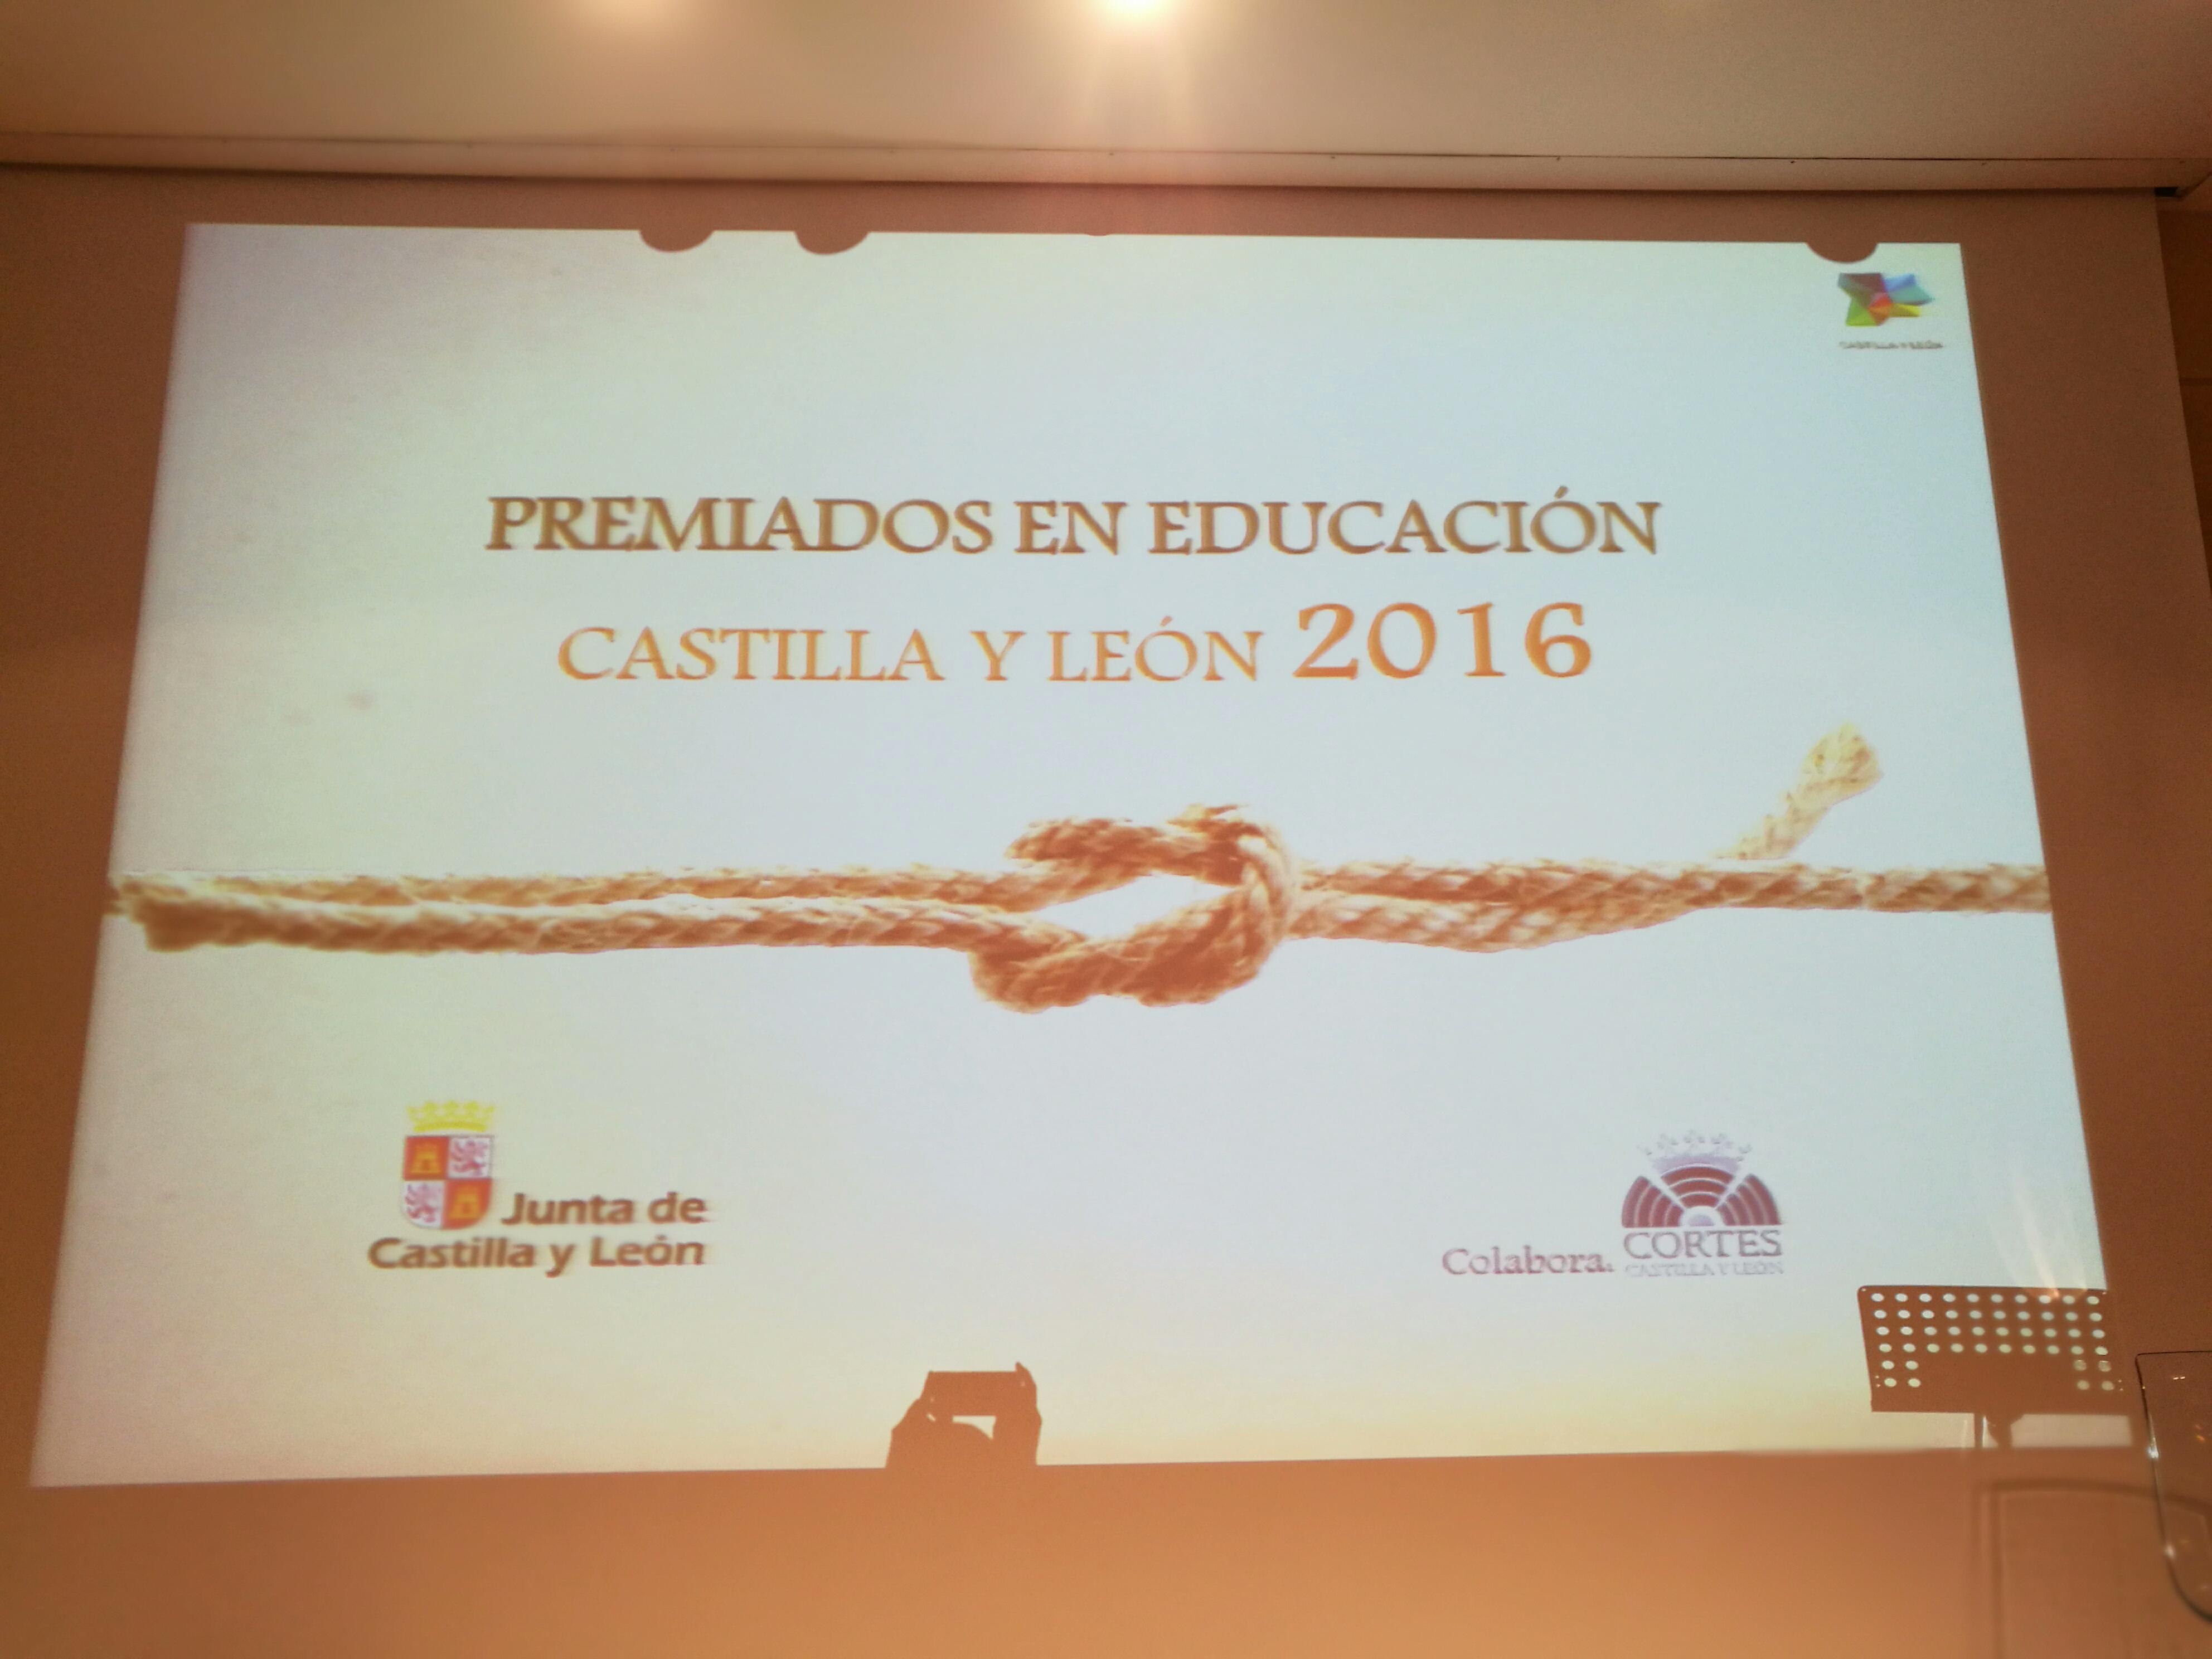 Premios educación Castilla y León 2016